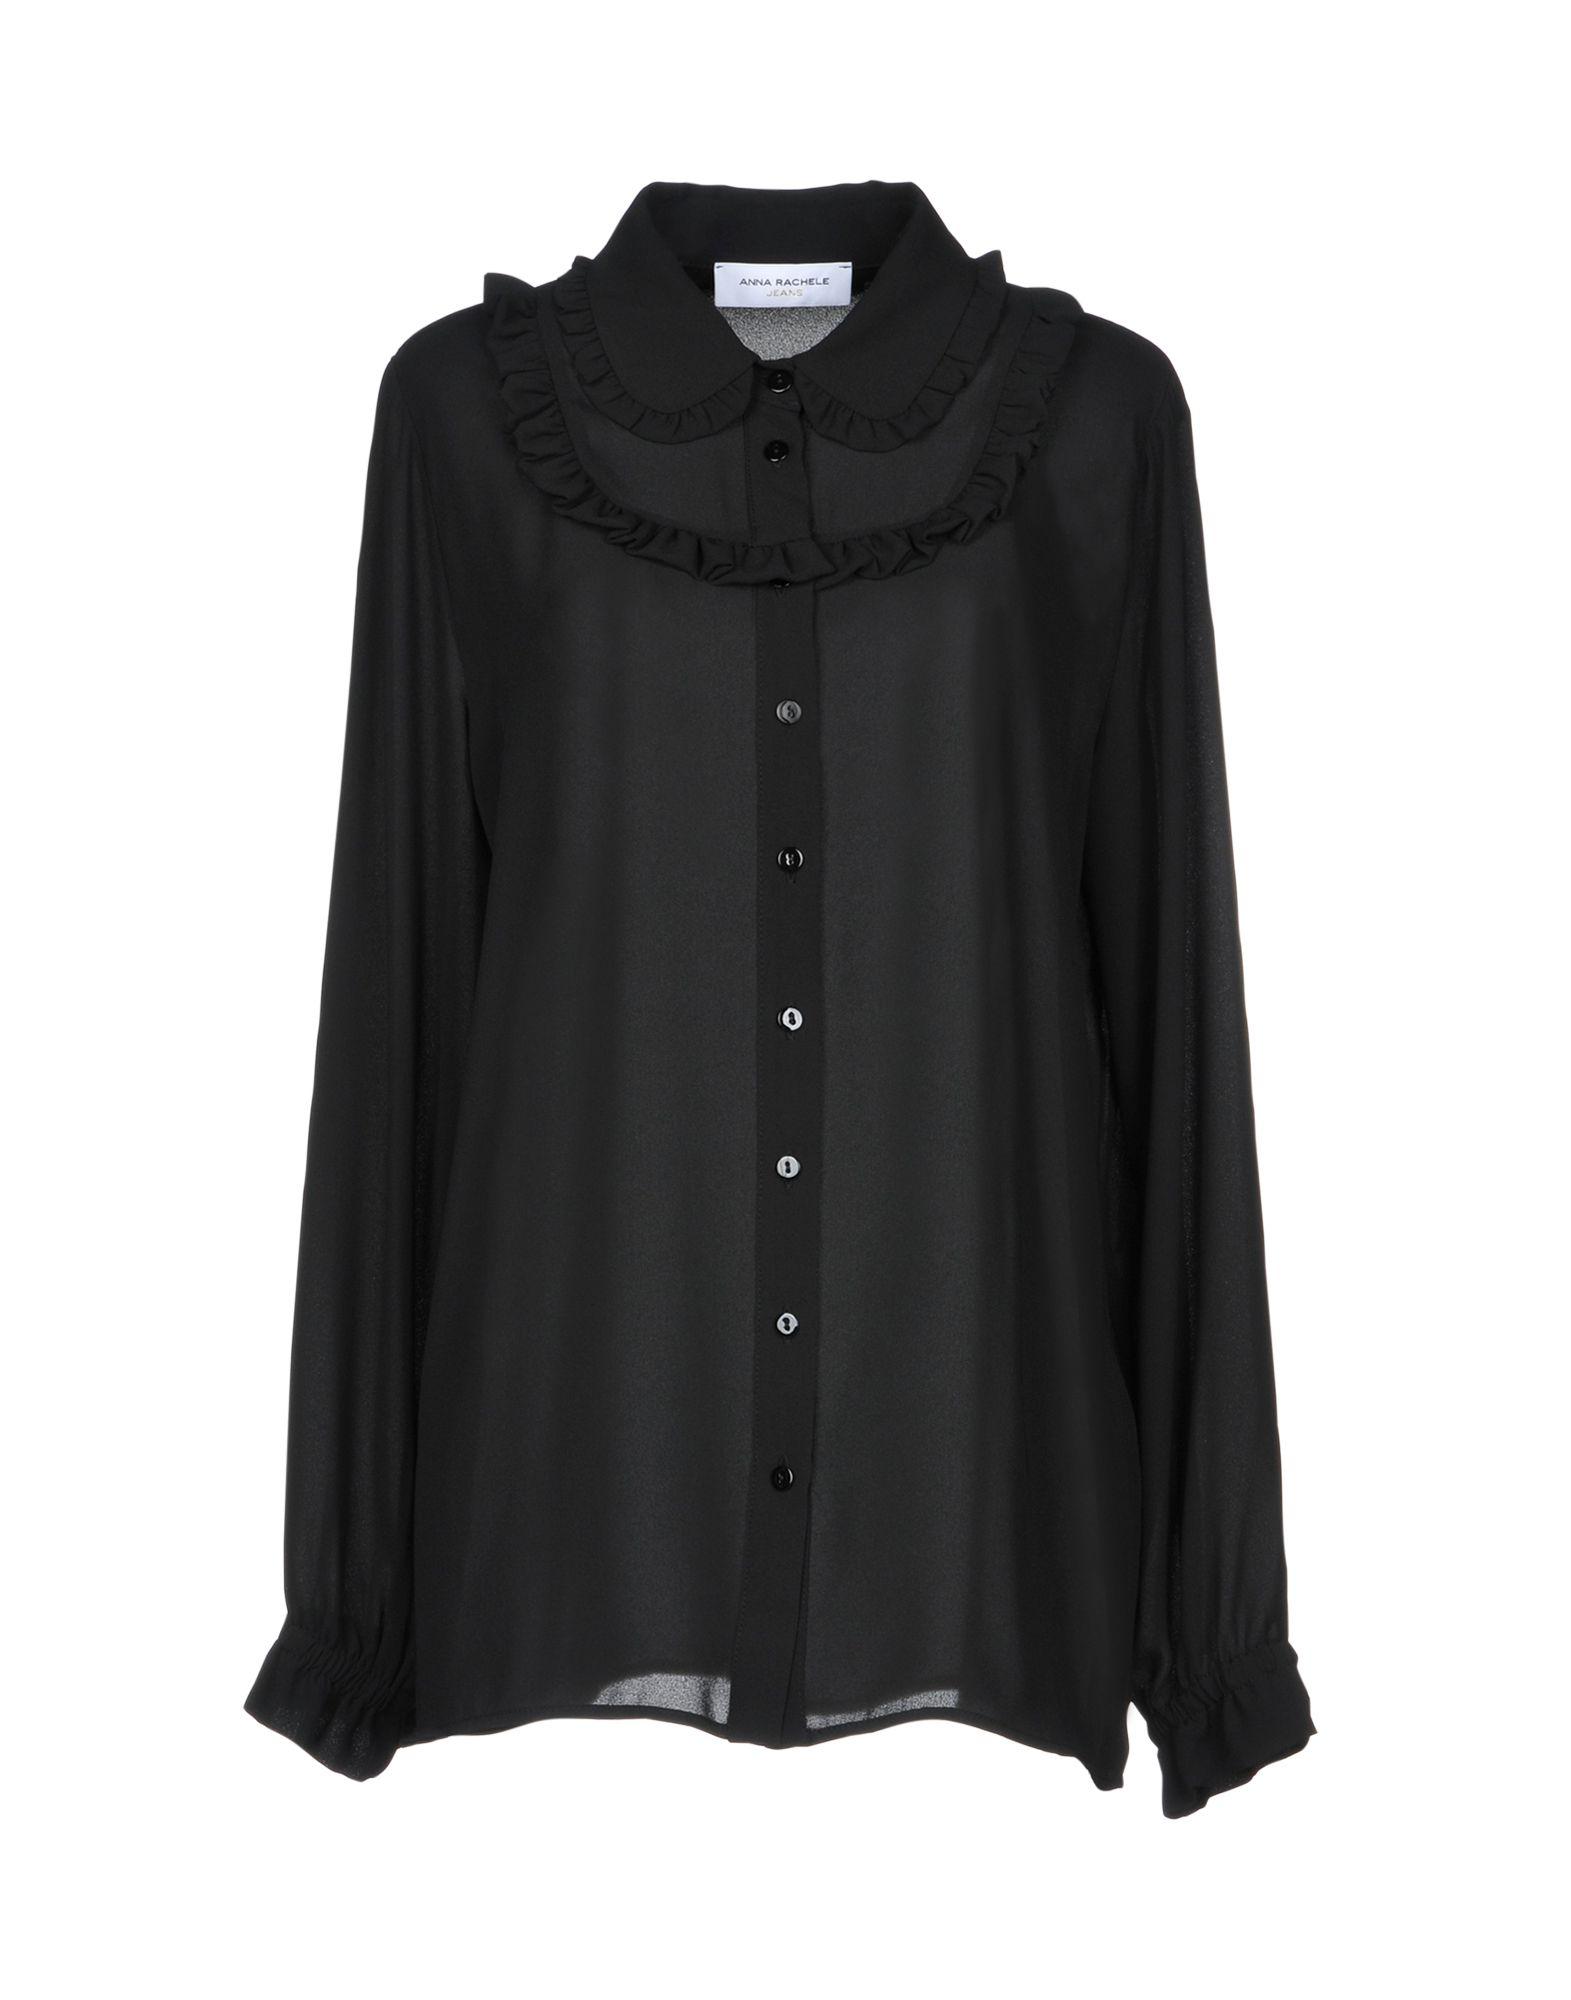 ANNA RACHELE JEANS COLLECTION Damen Hemd Farbe Schwarz Größe 6